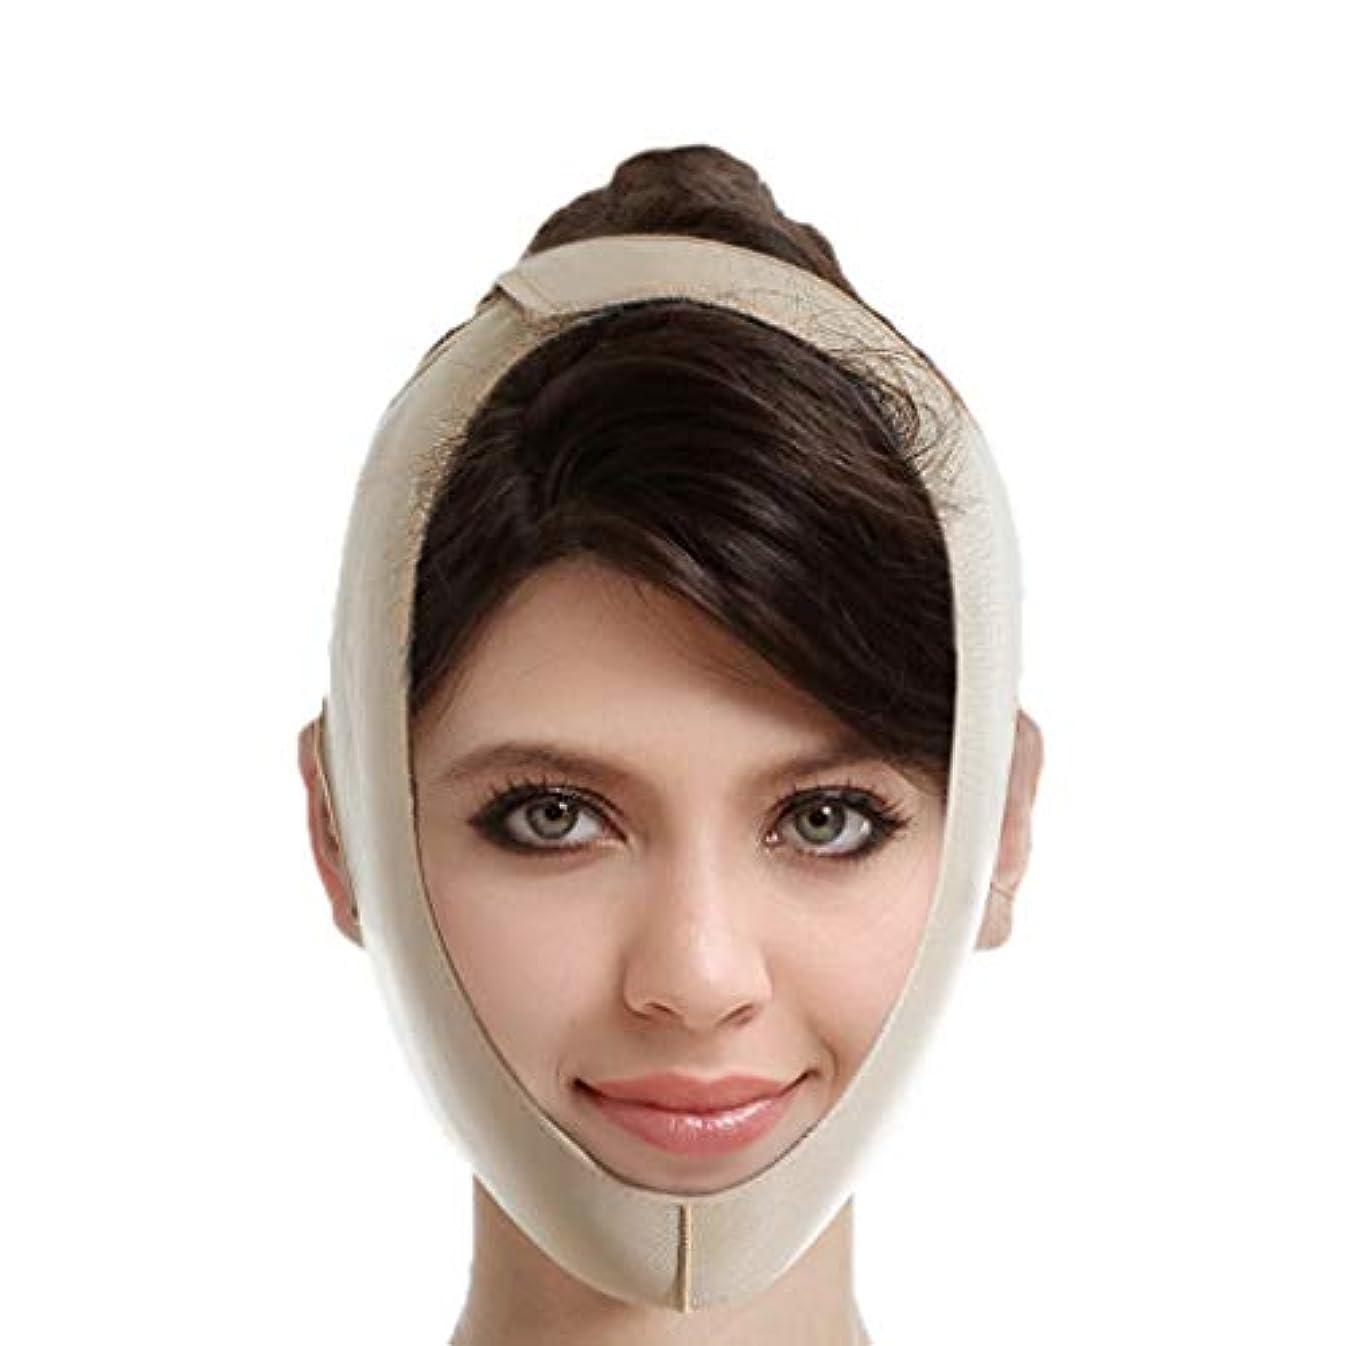 クライアント溶岩衣服フェイスリフティングスリミングベルト、フェイススリミング包帯、フェイシャルリフティングマスク、リフティングタイトバンデージ用、フェイスリフティング包帯 (Size : L)